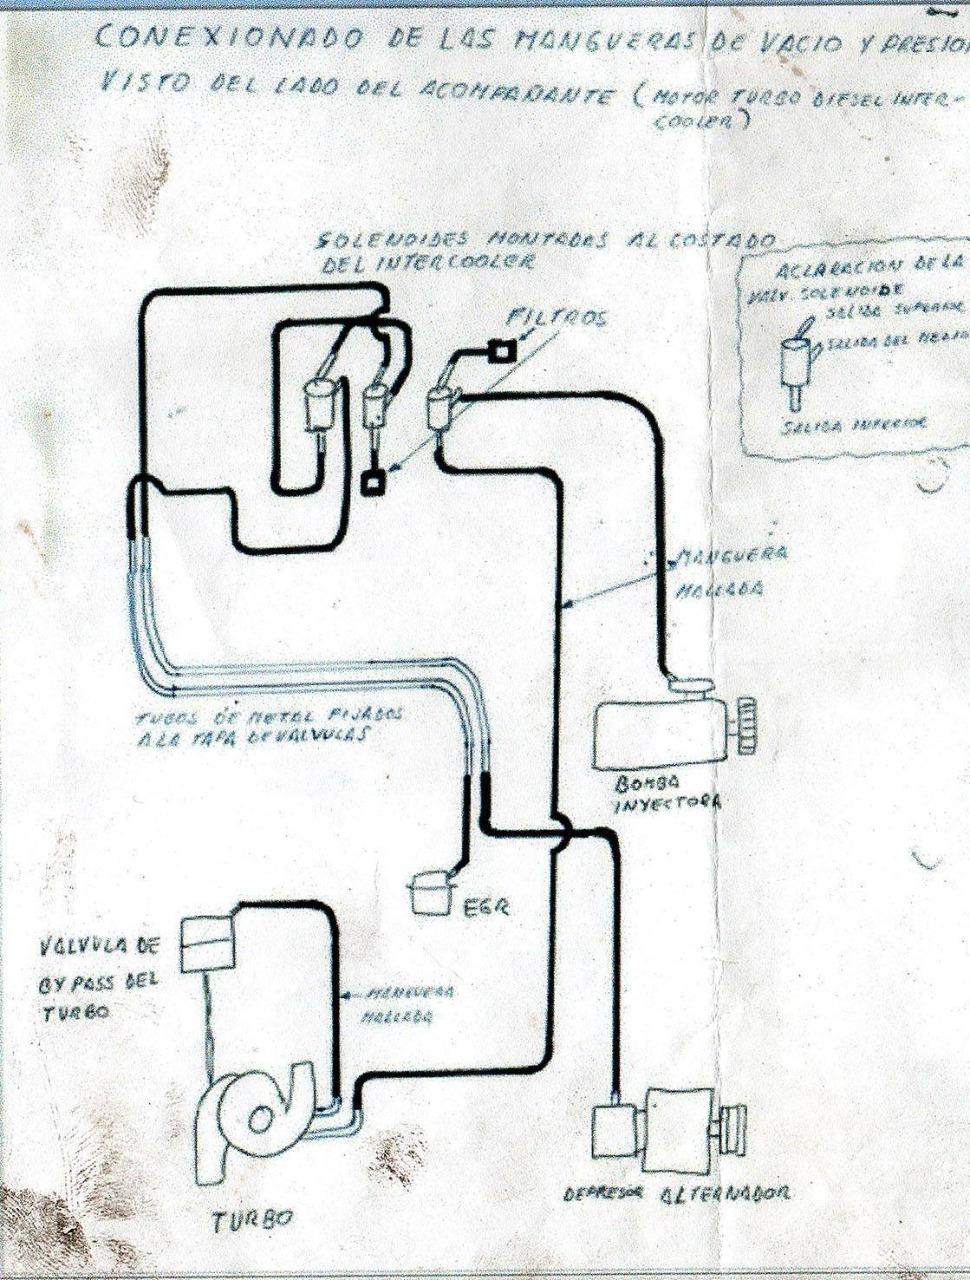 conexion mangueras de vacio motor d4bf Esquem11